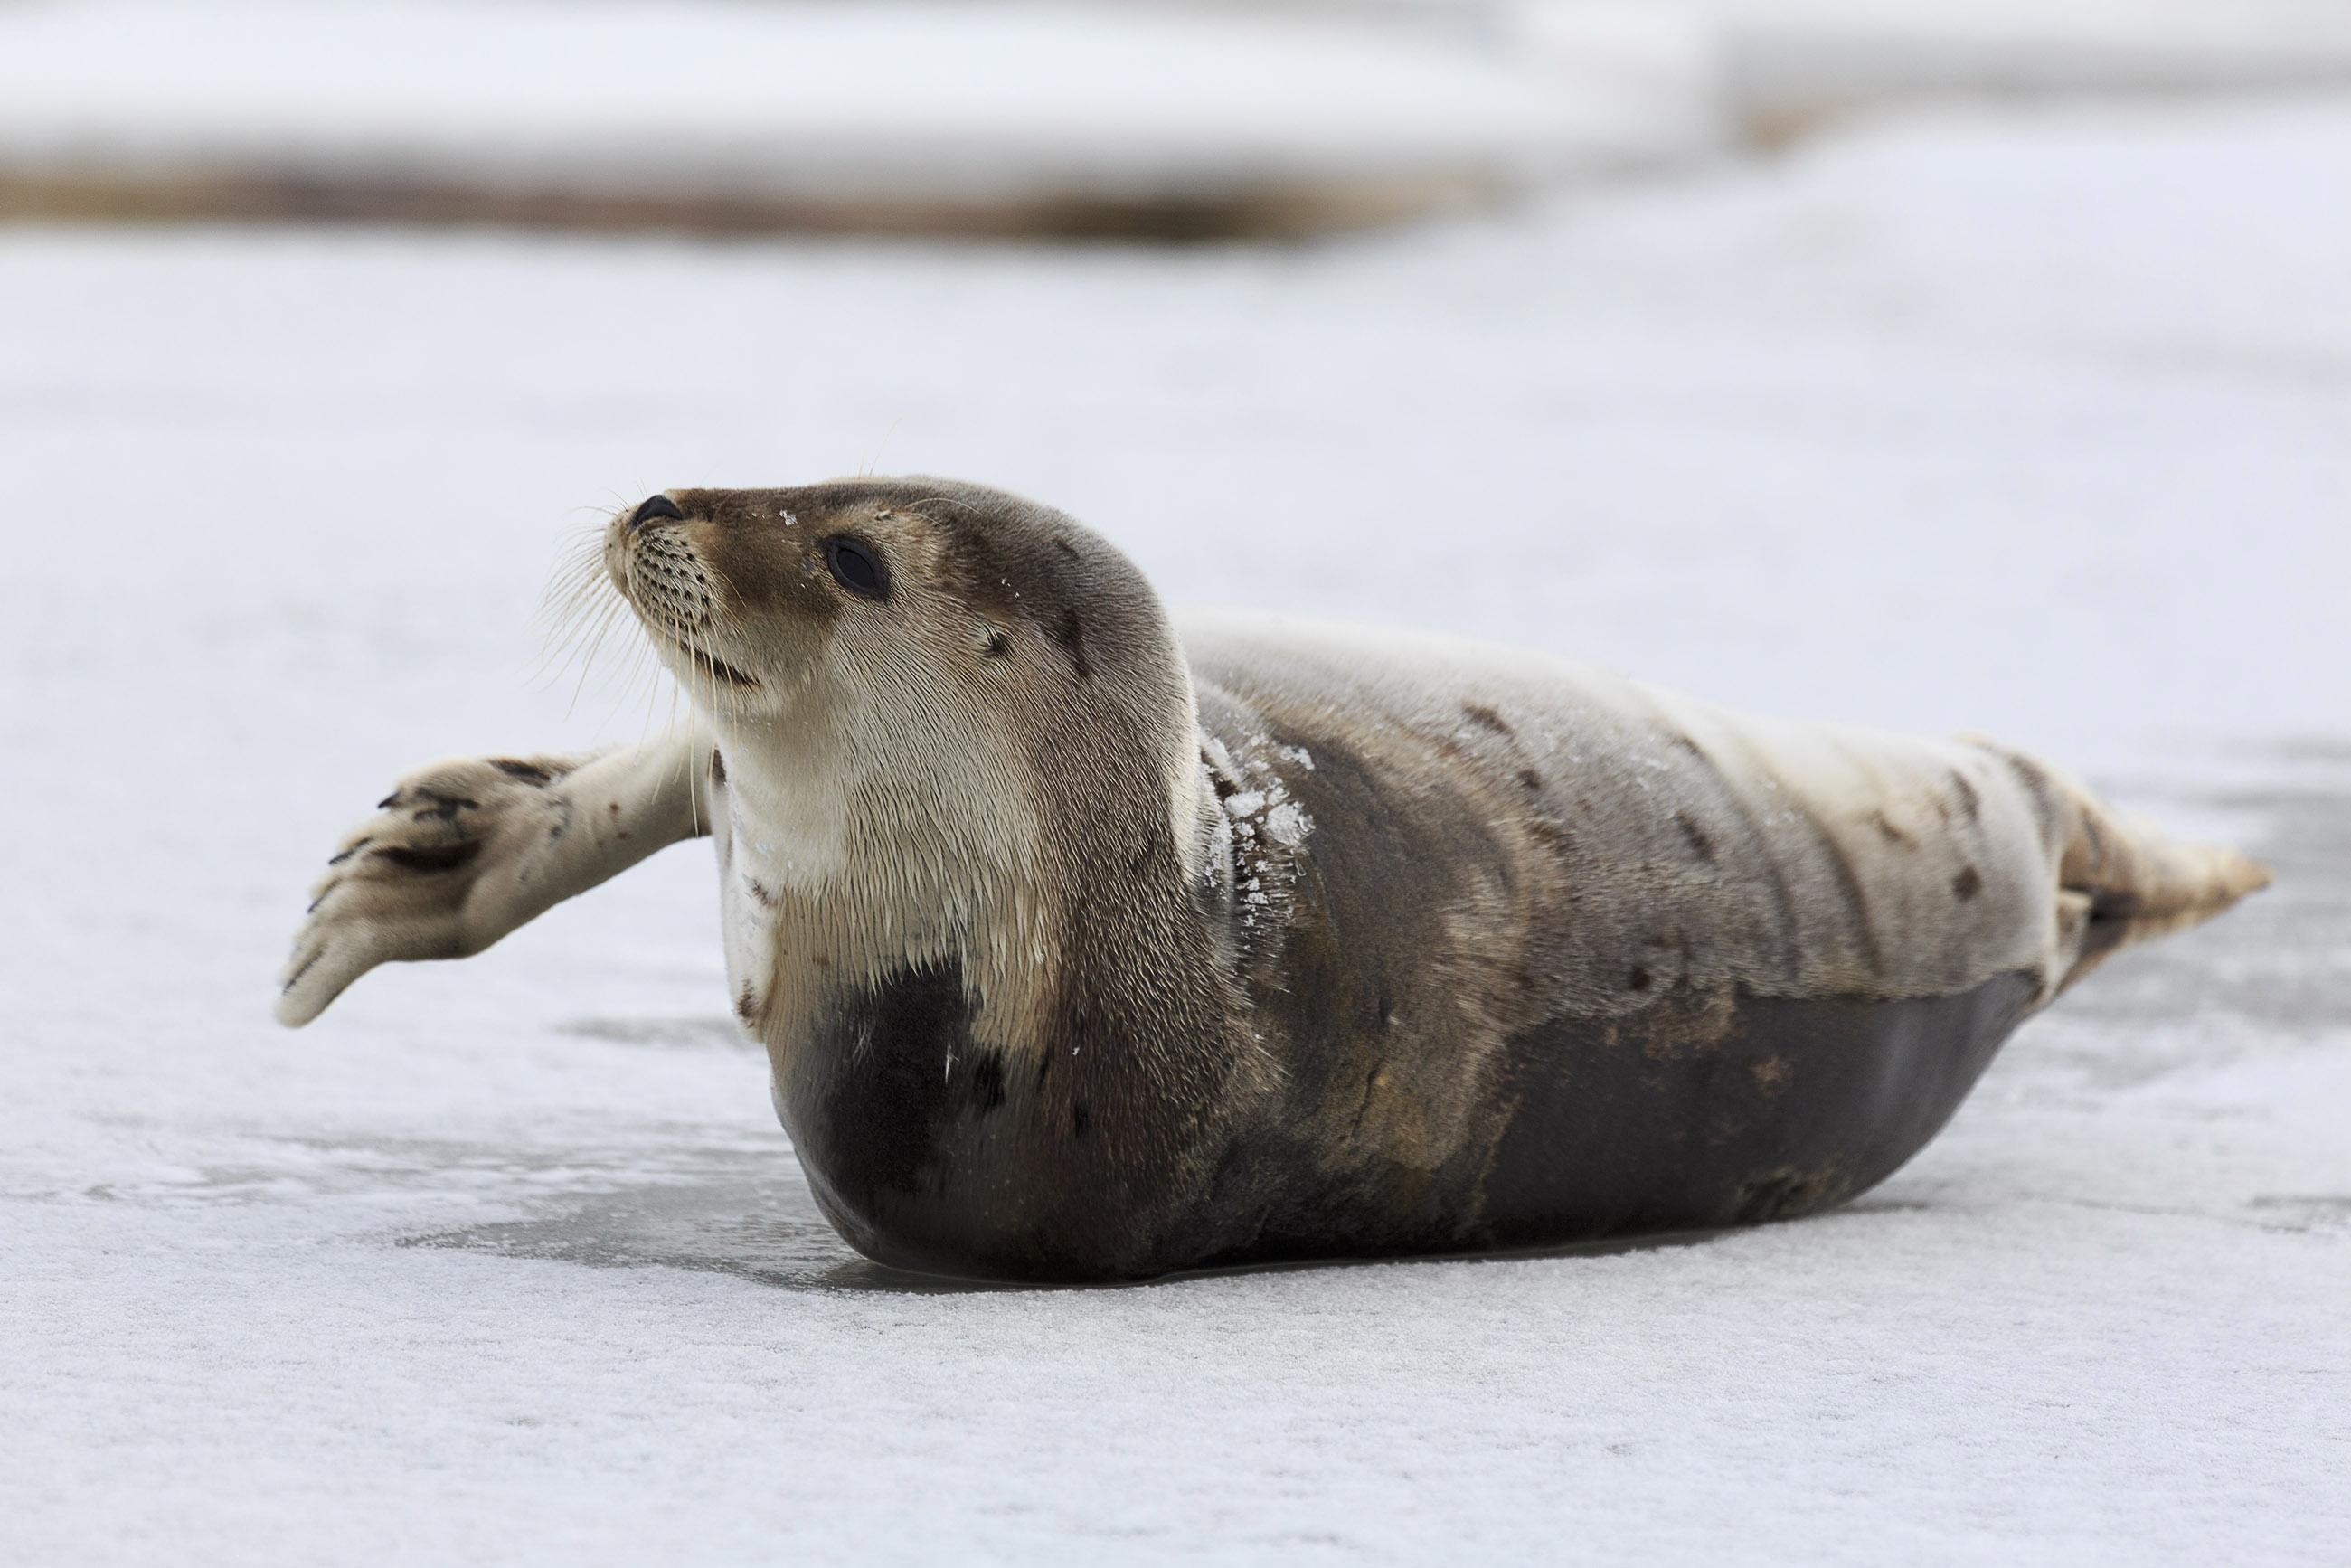 Young Harp Seal, Animal, Kill, Lovable, Mammal, HQ Photo